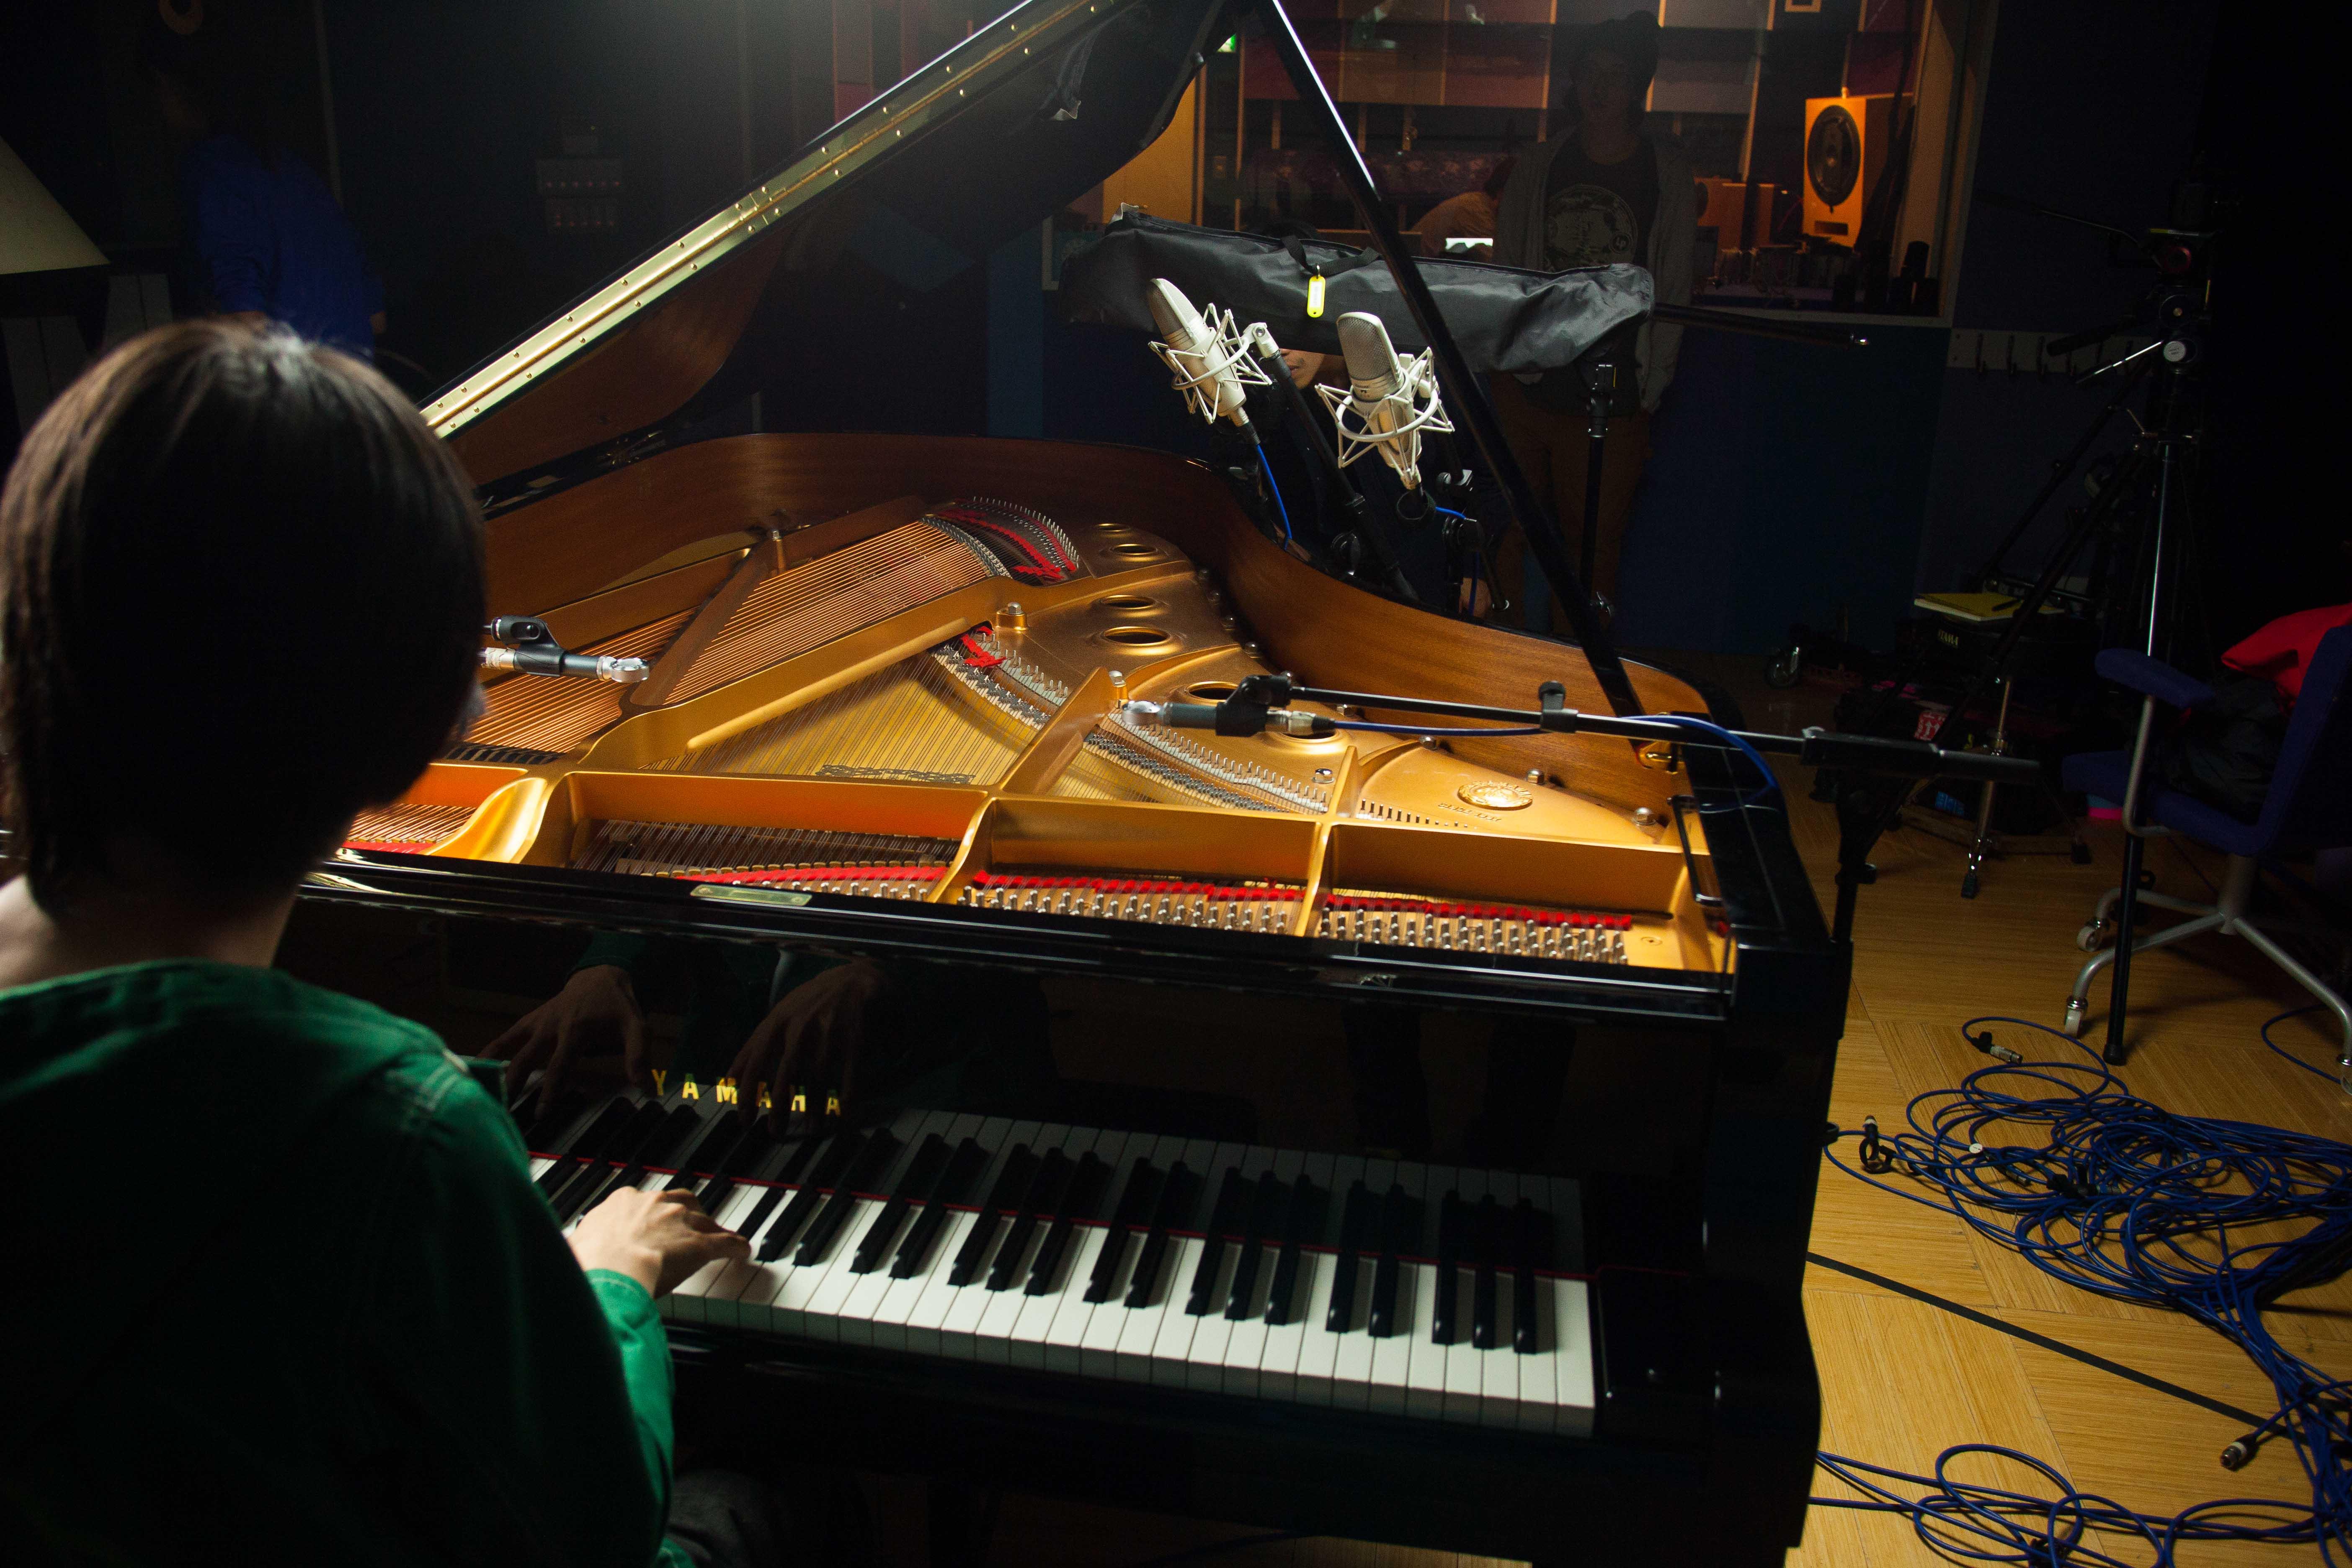 Piano: KSM44A, BETA181 (Cardioid)